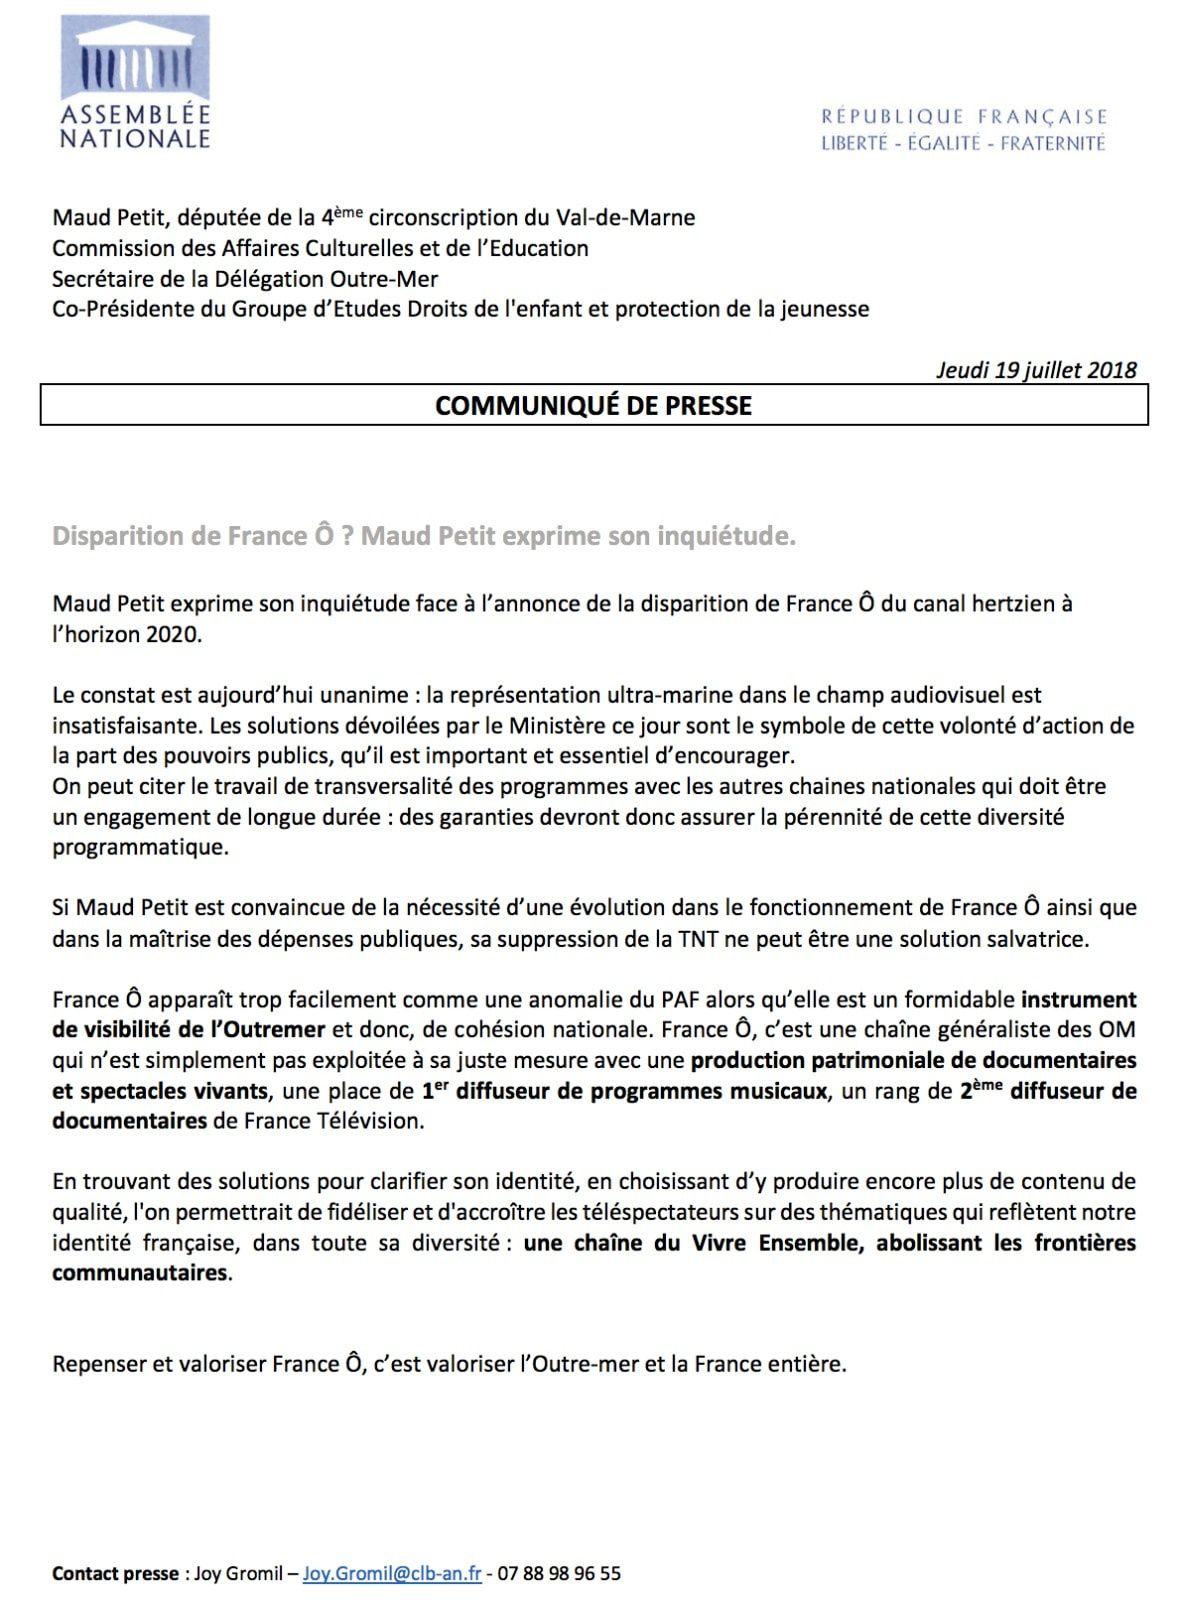 France Ô : Maud Petit, secrétaire de la Délégation Outre-Mer exprime son inquiétude !